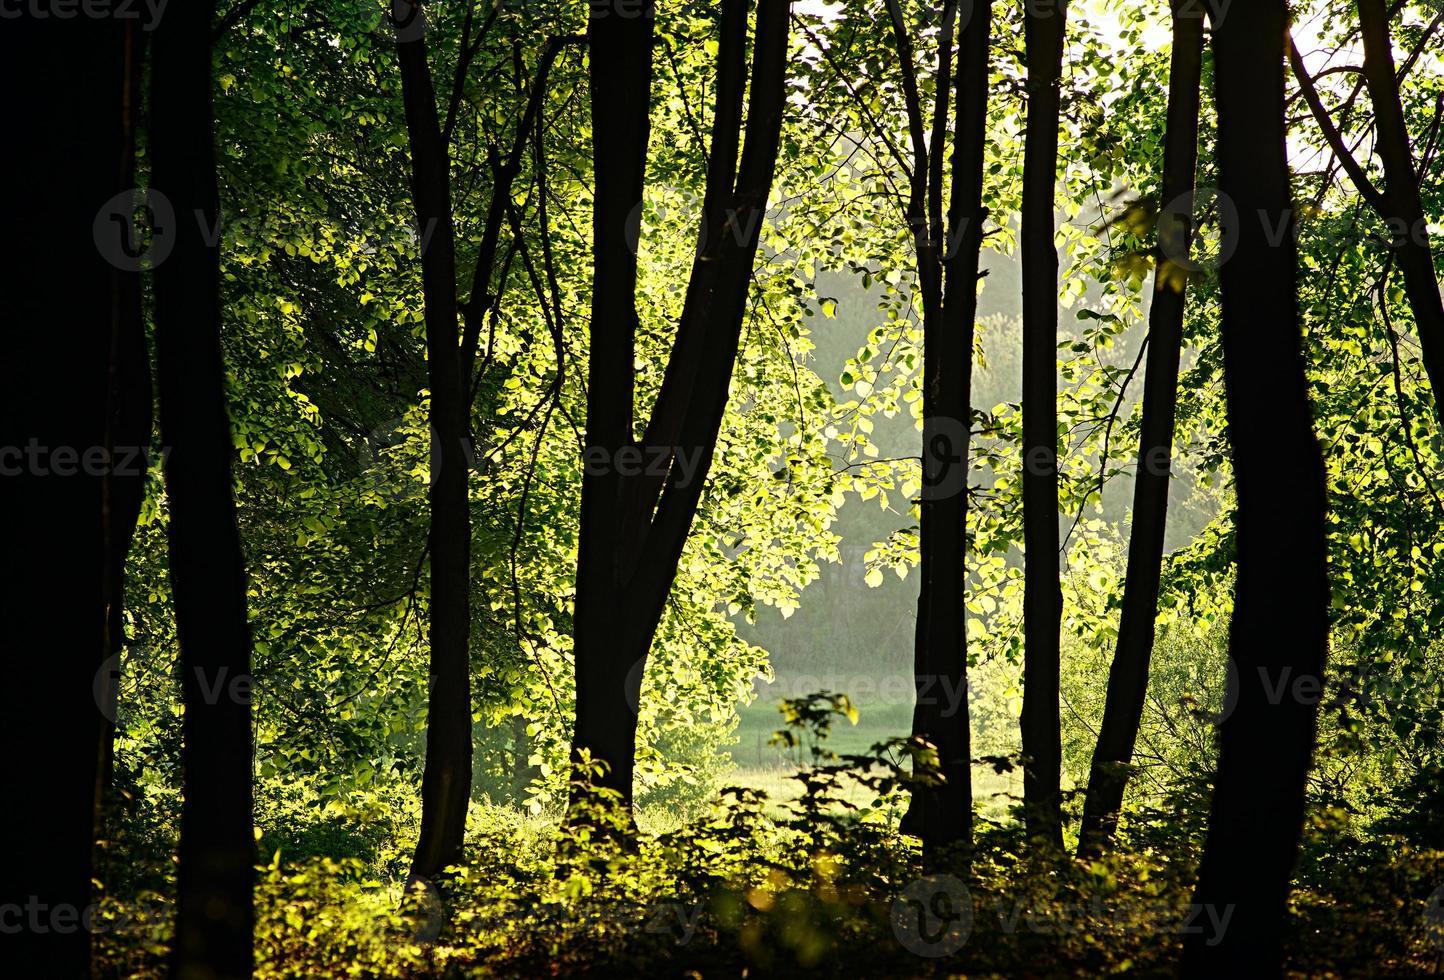 Sonnenlicht filtert durch die Bäume im Wald foto